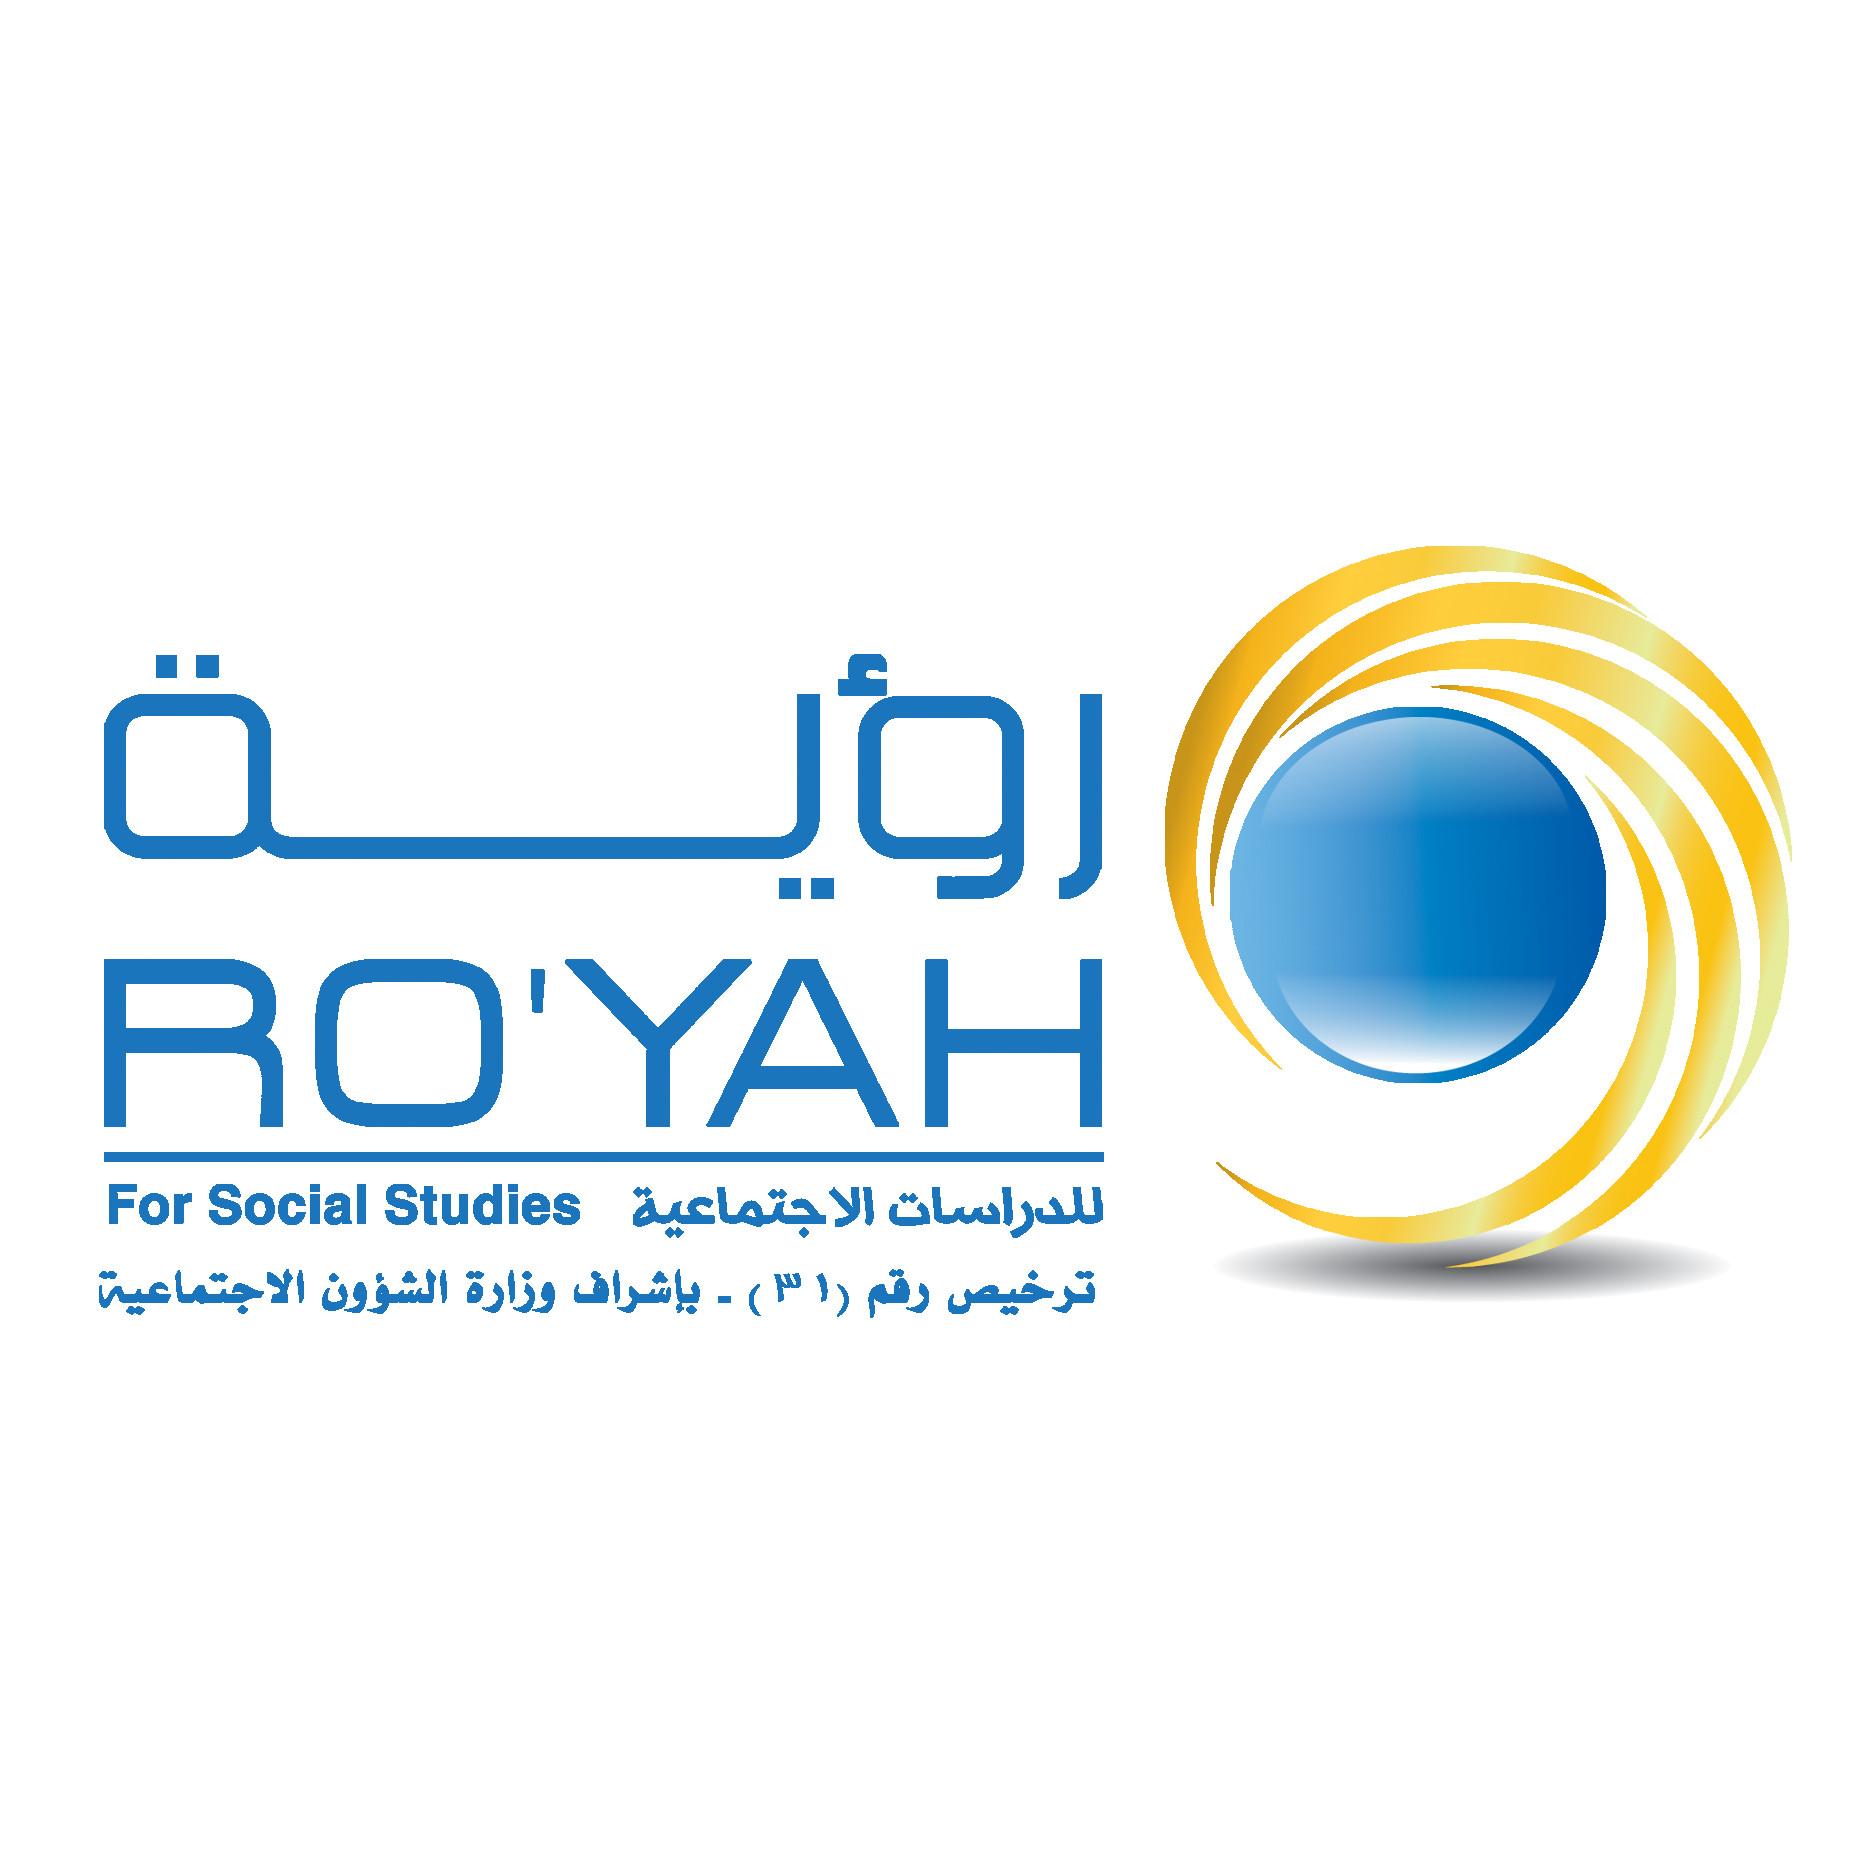 مركز رؤية للدراسات الاجتماعية